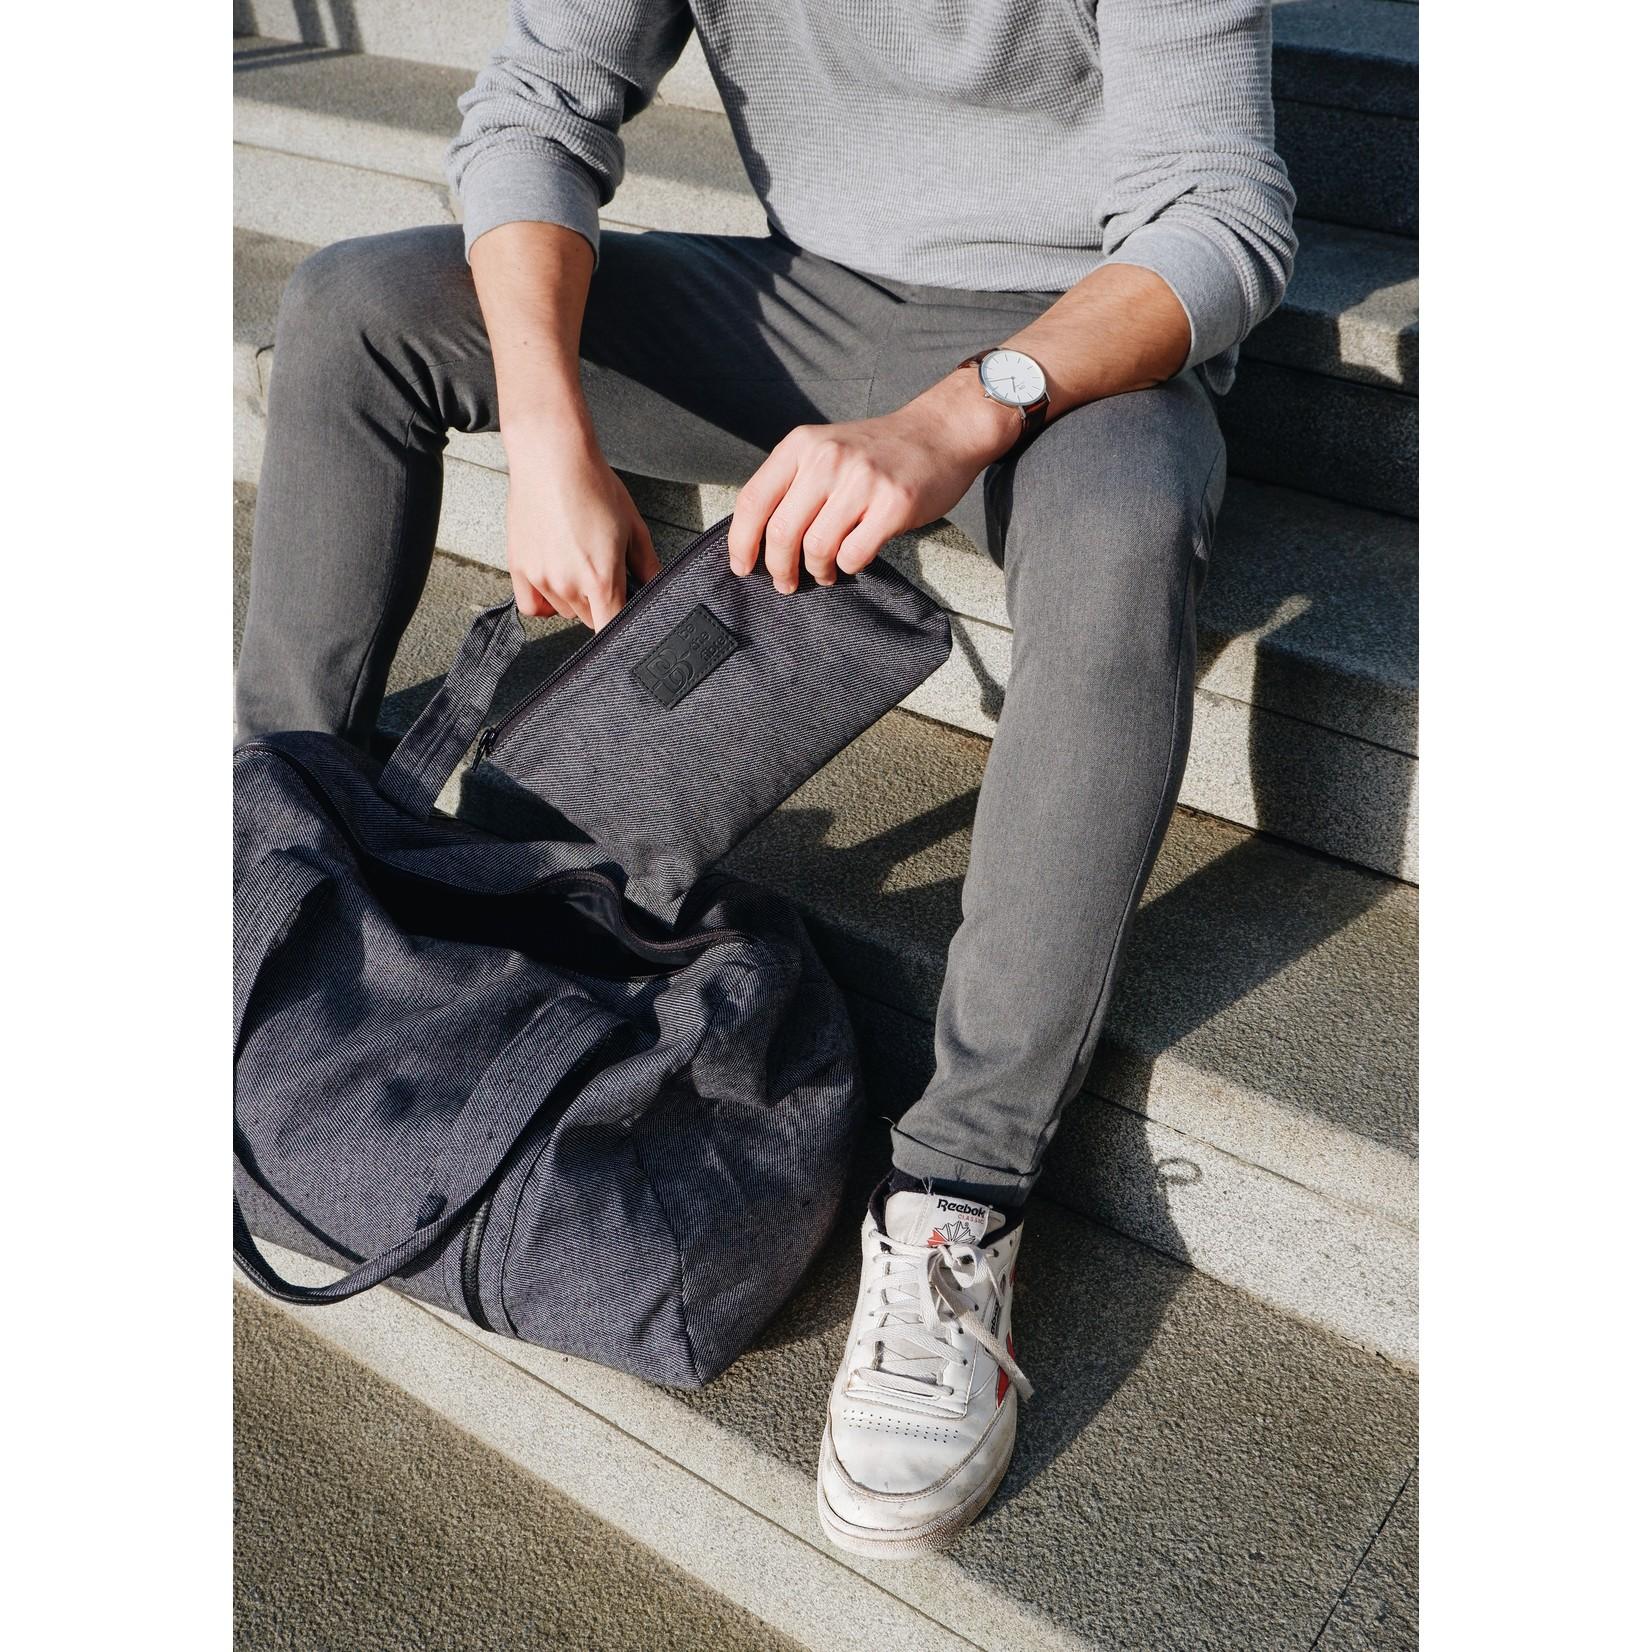 Be the fibre Sport John bag